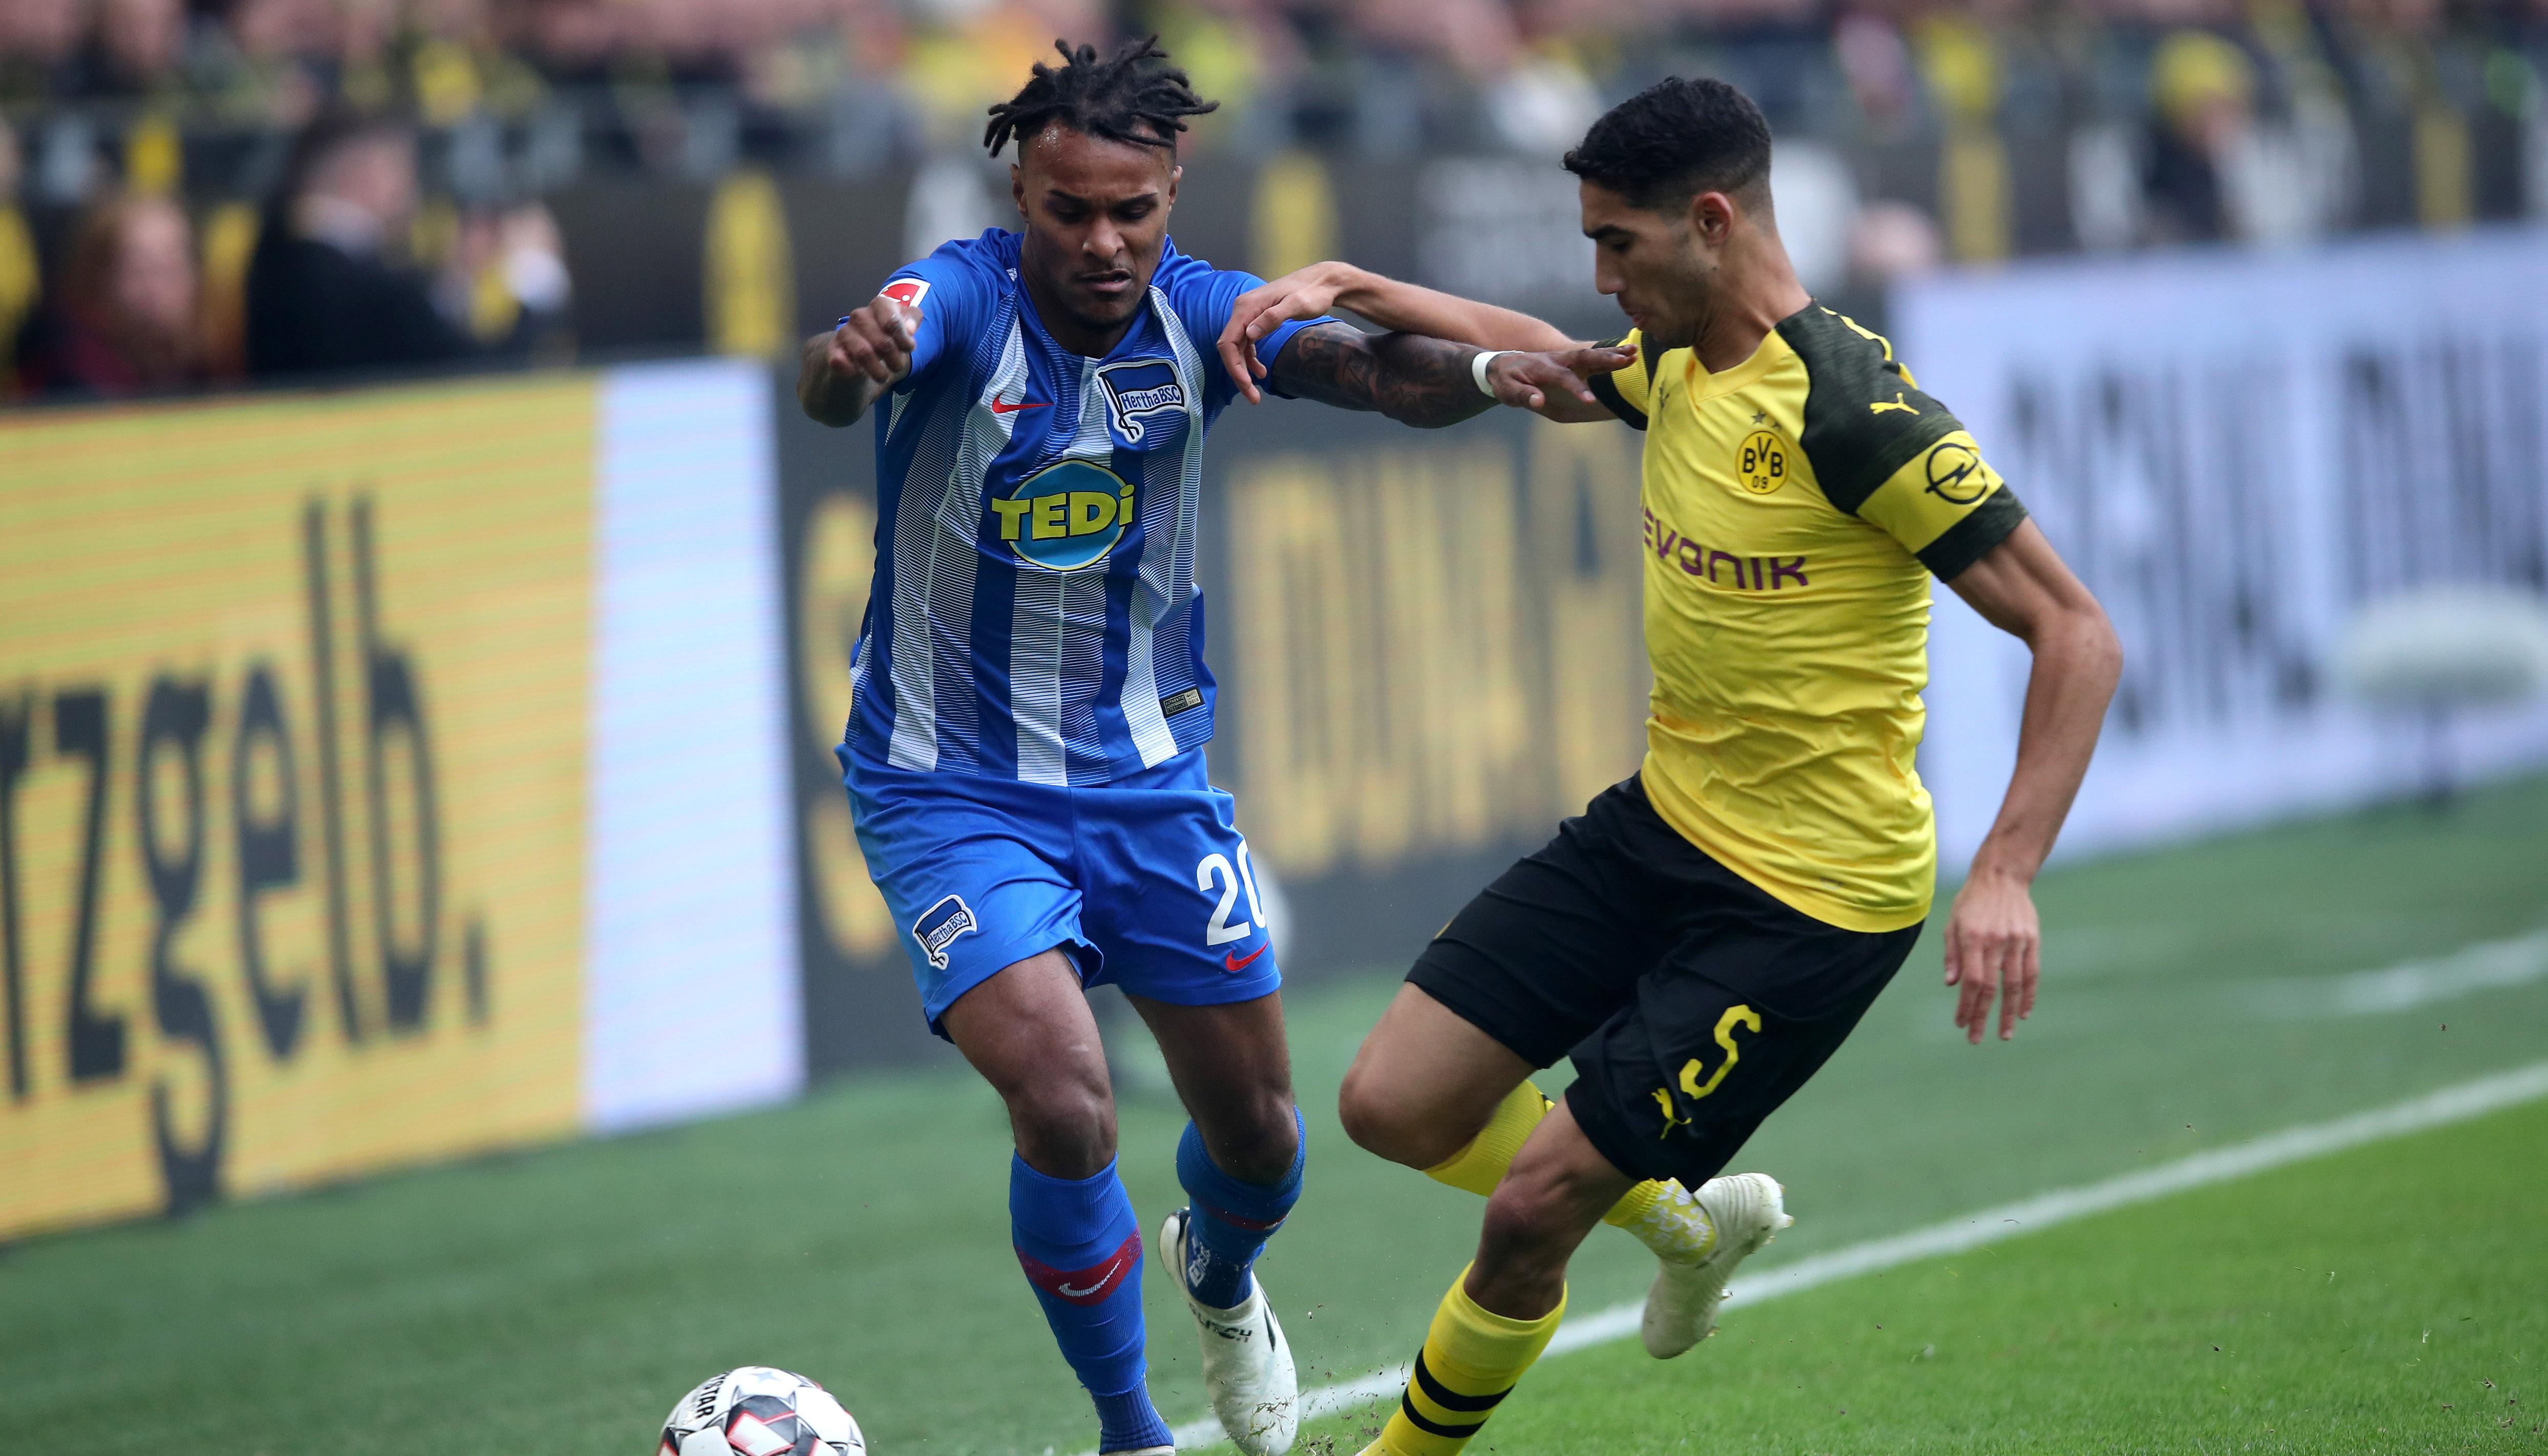 Hertha BSC – BVB: Einer verliert sein Ziel aus den Augen